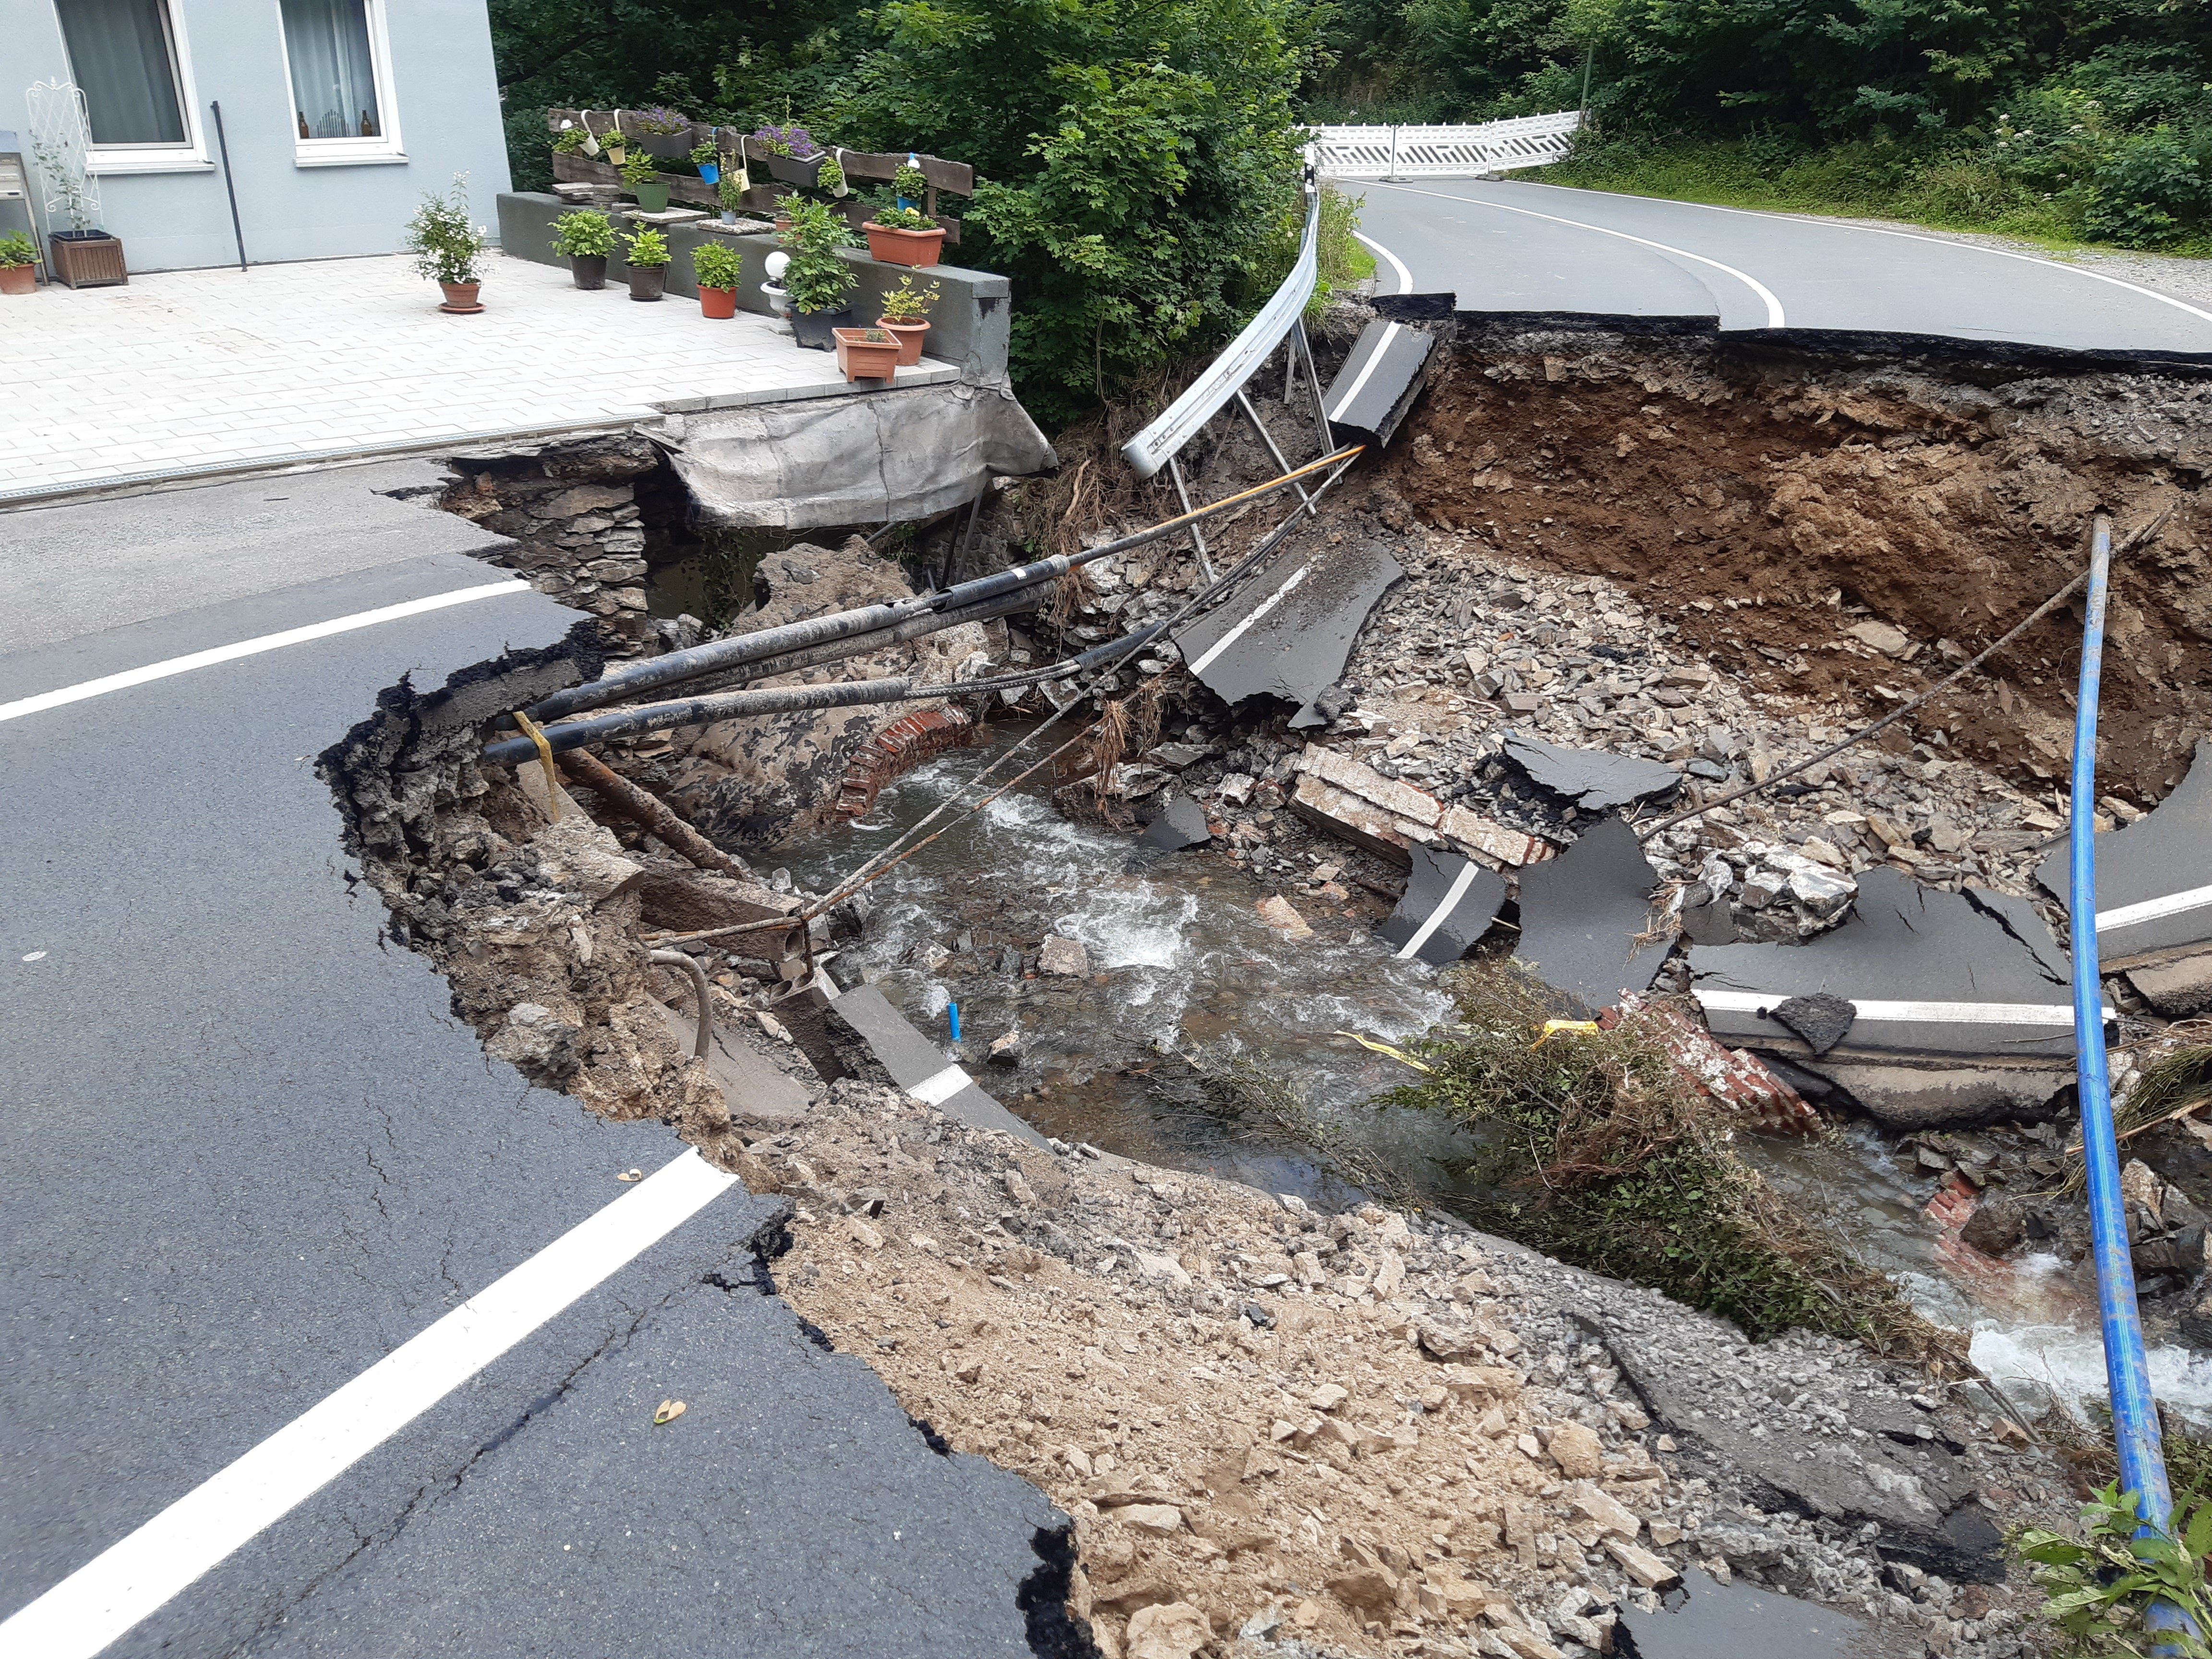 Der Zustand der Brücke nach dem Hochwasser am 14. Juli 2021